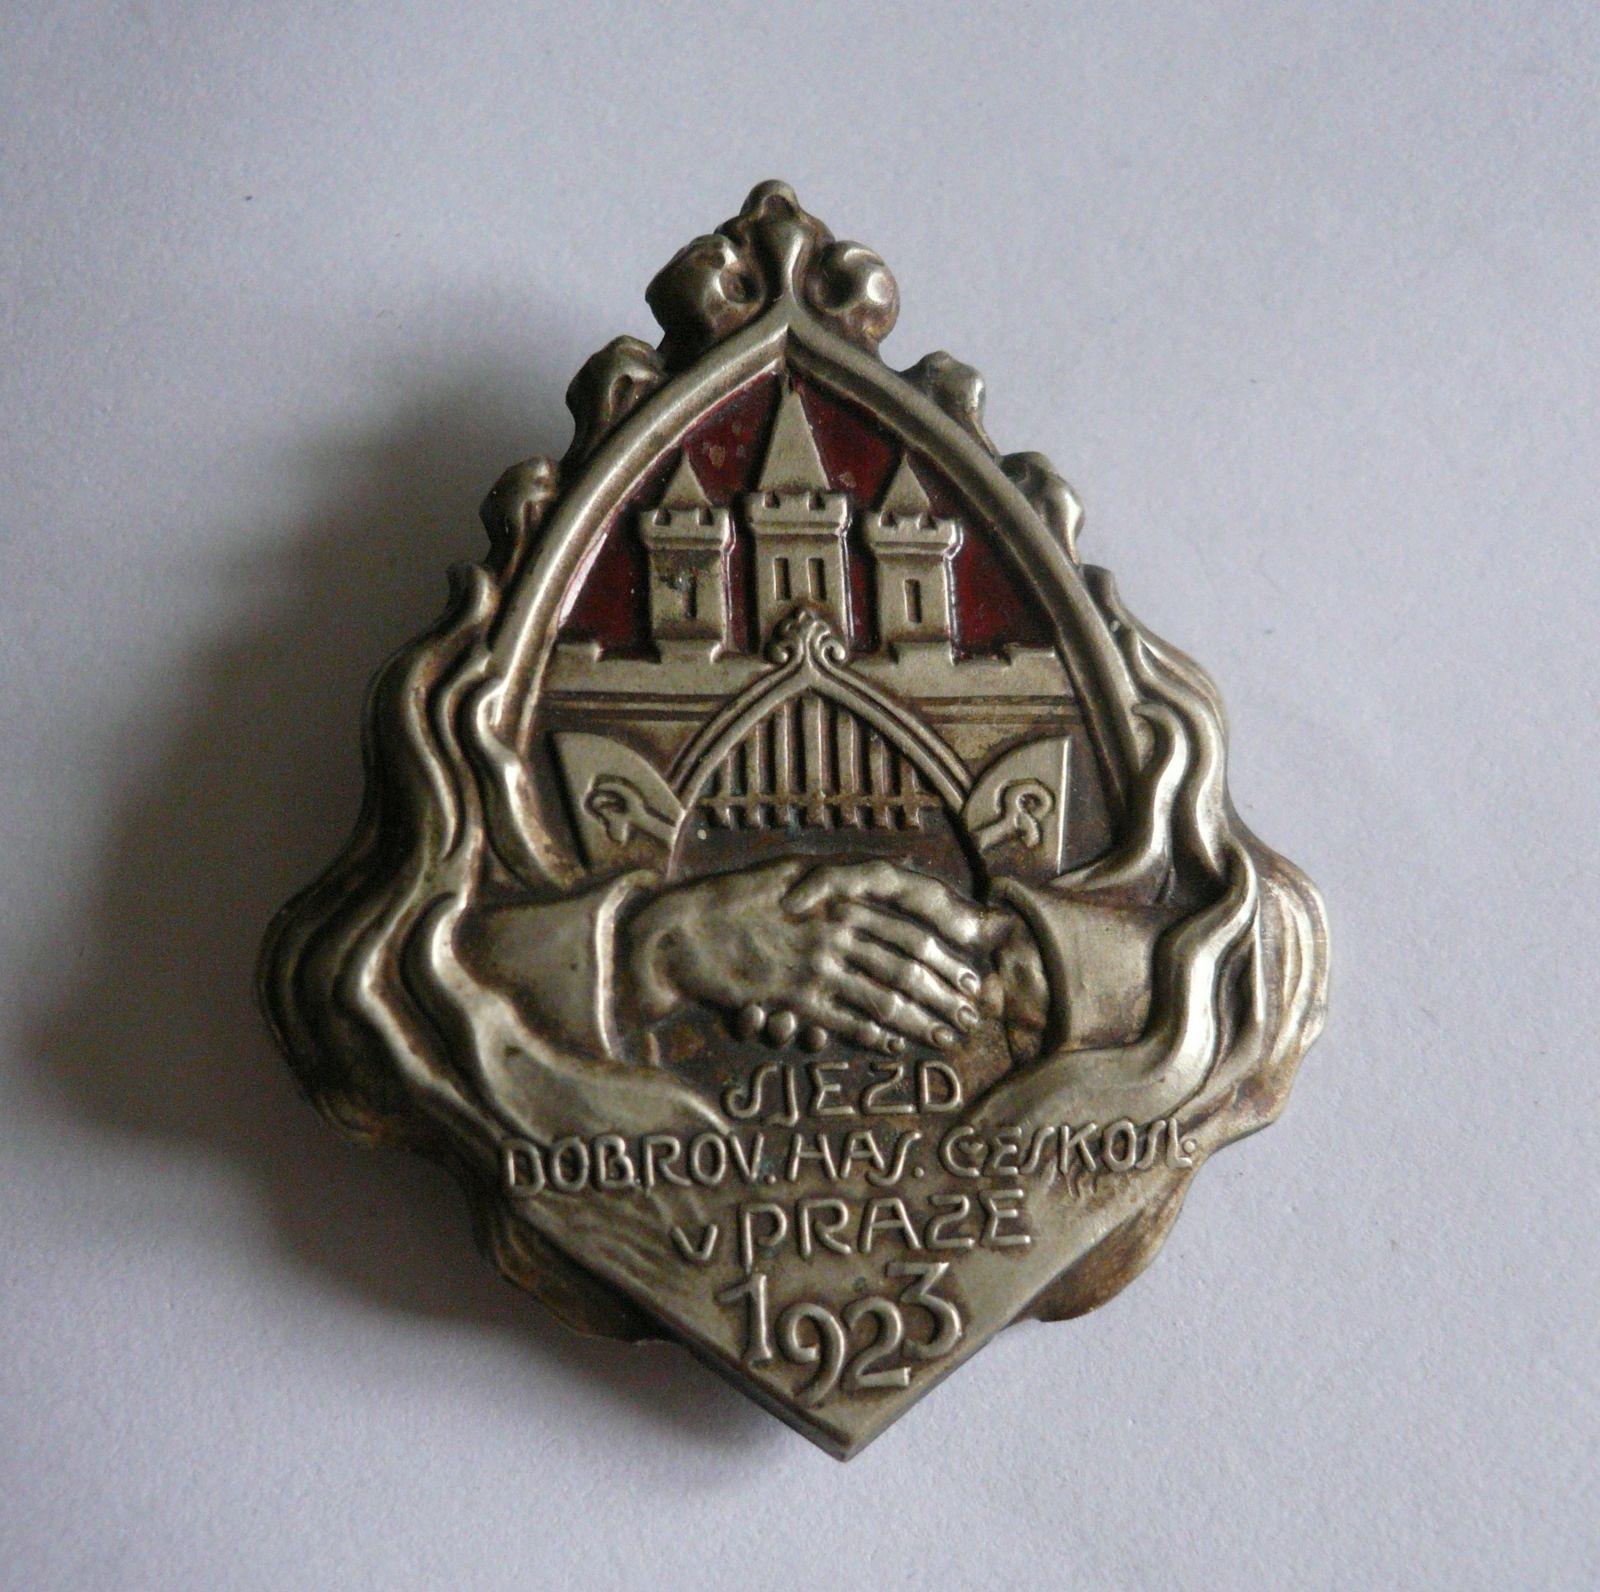 sjezd dobrovolného hasičstva v Praze 1923, ČSR